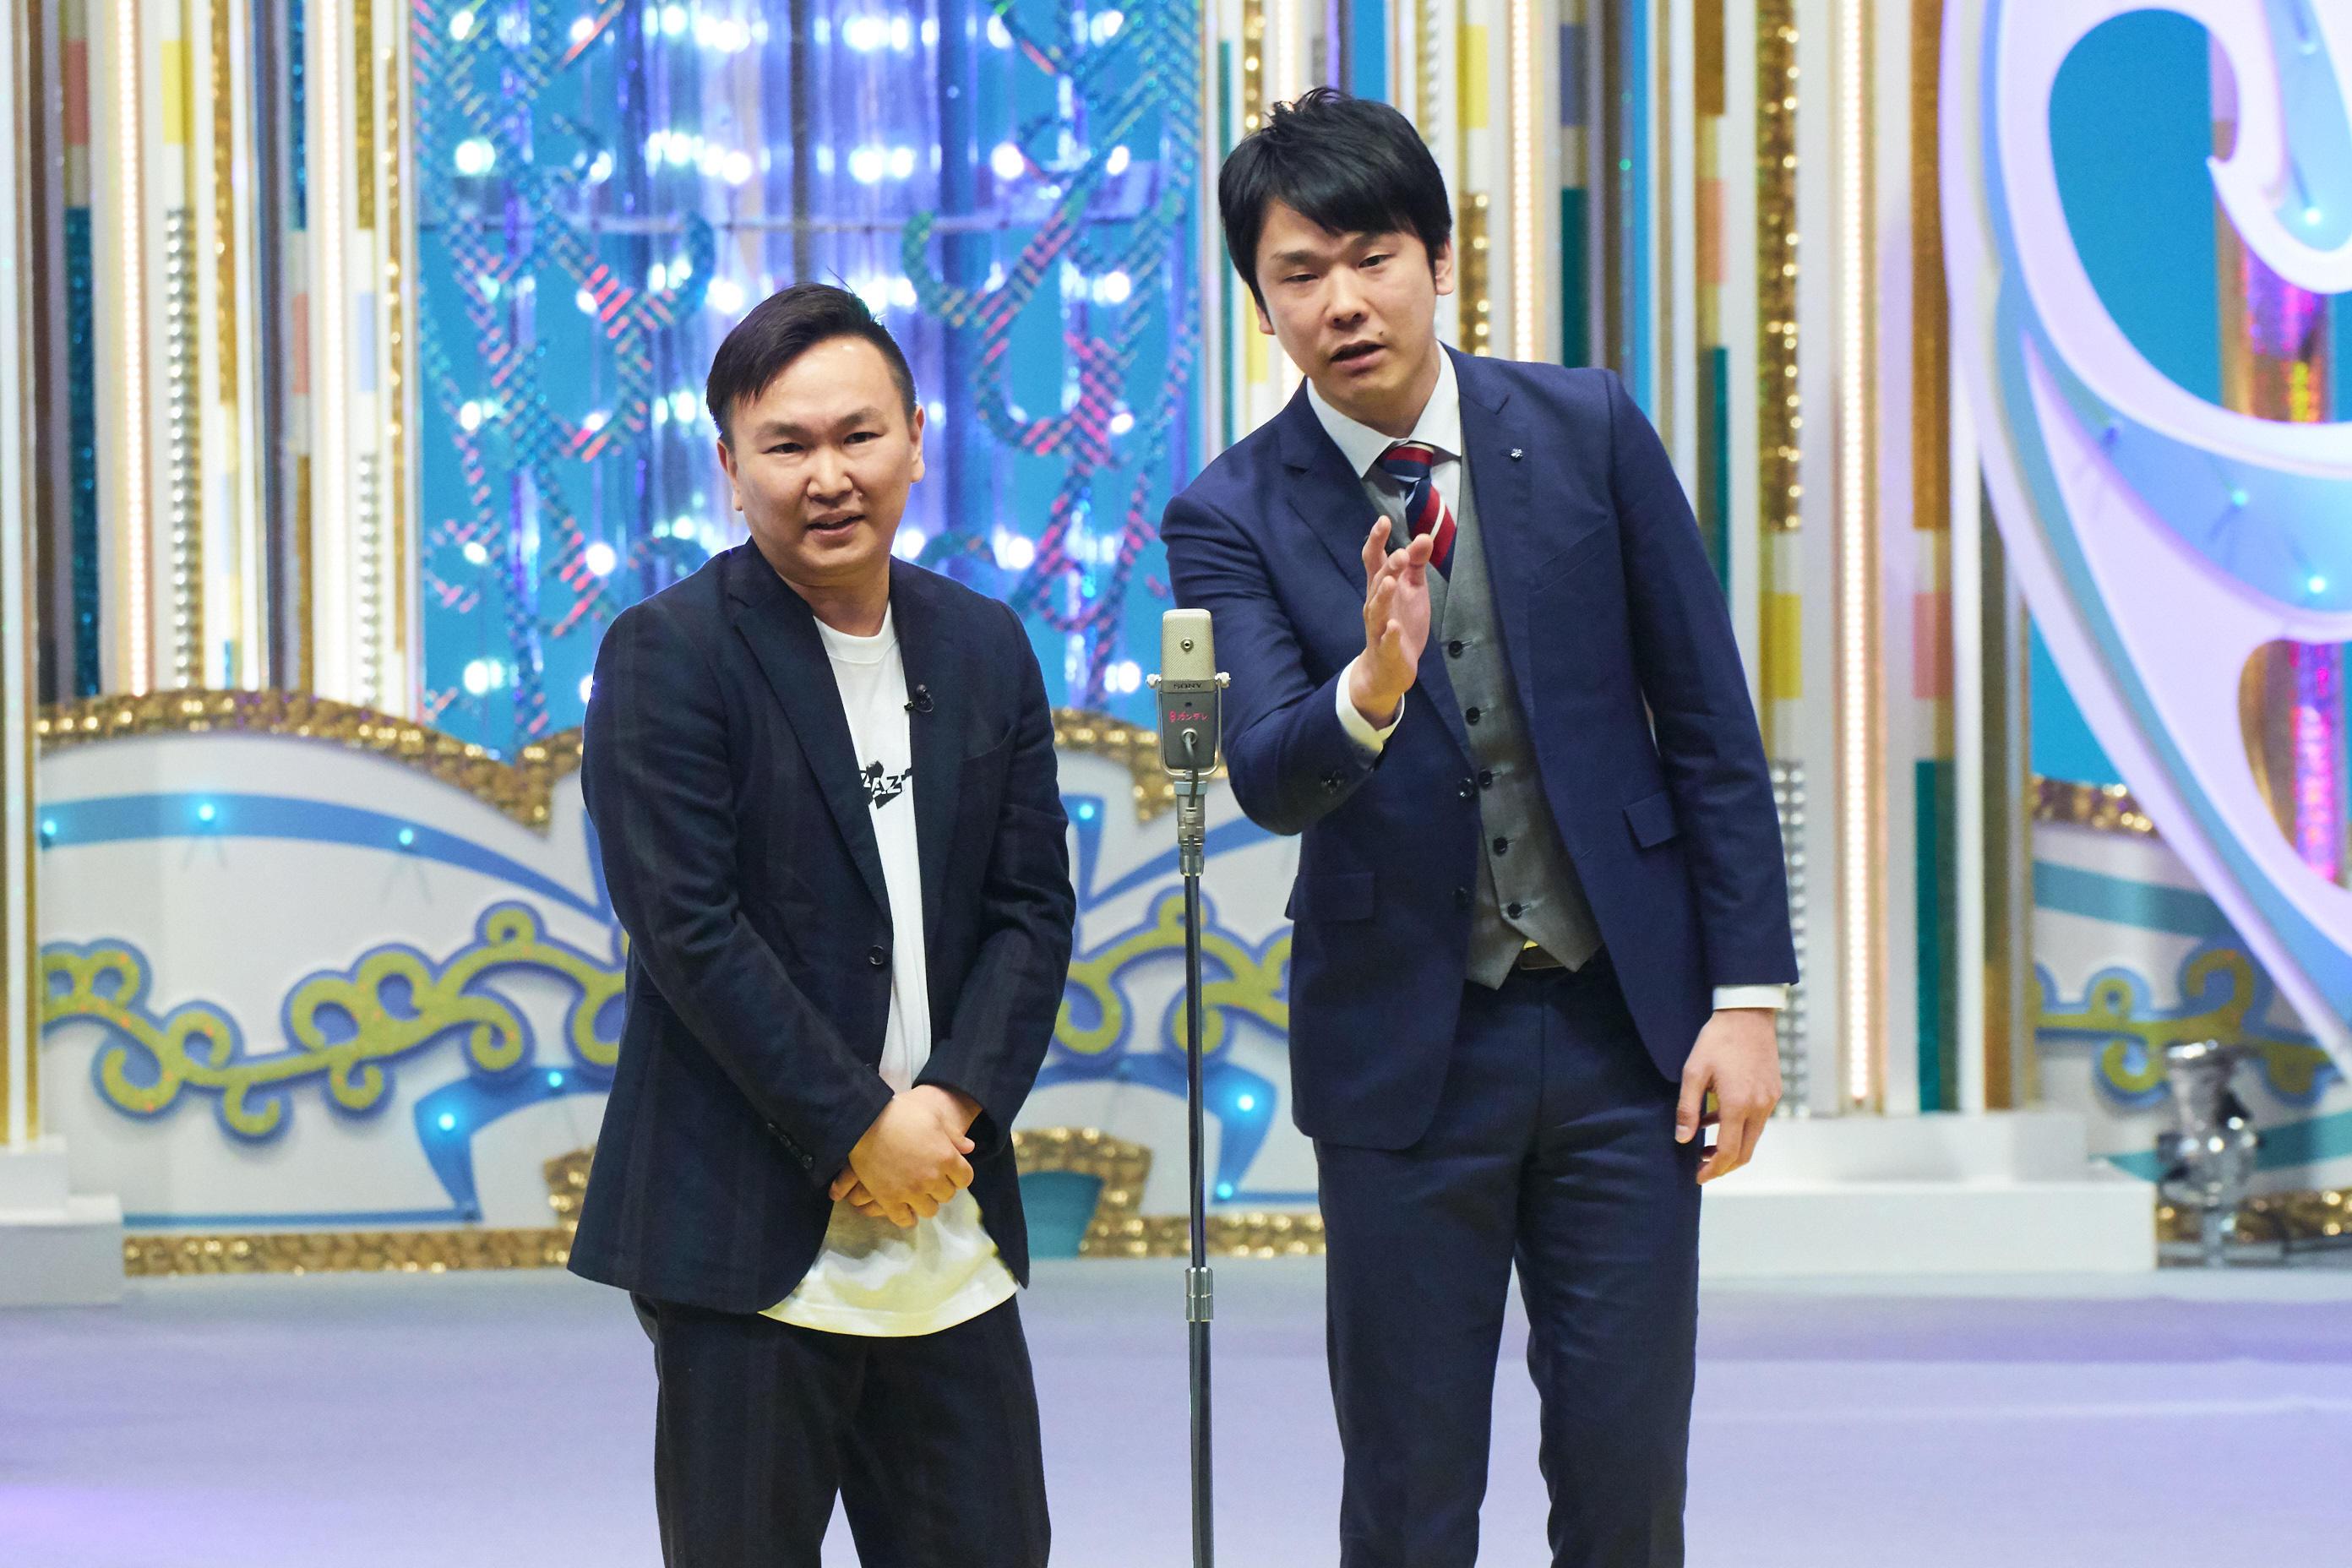 http://news.yoshimoto.co.jp/20180409143146-e17cc8abc1d00acfce6f472e360d763634ab2159.jpg